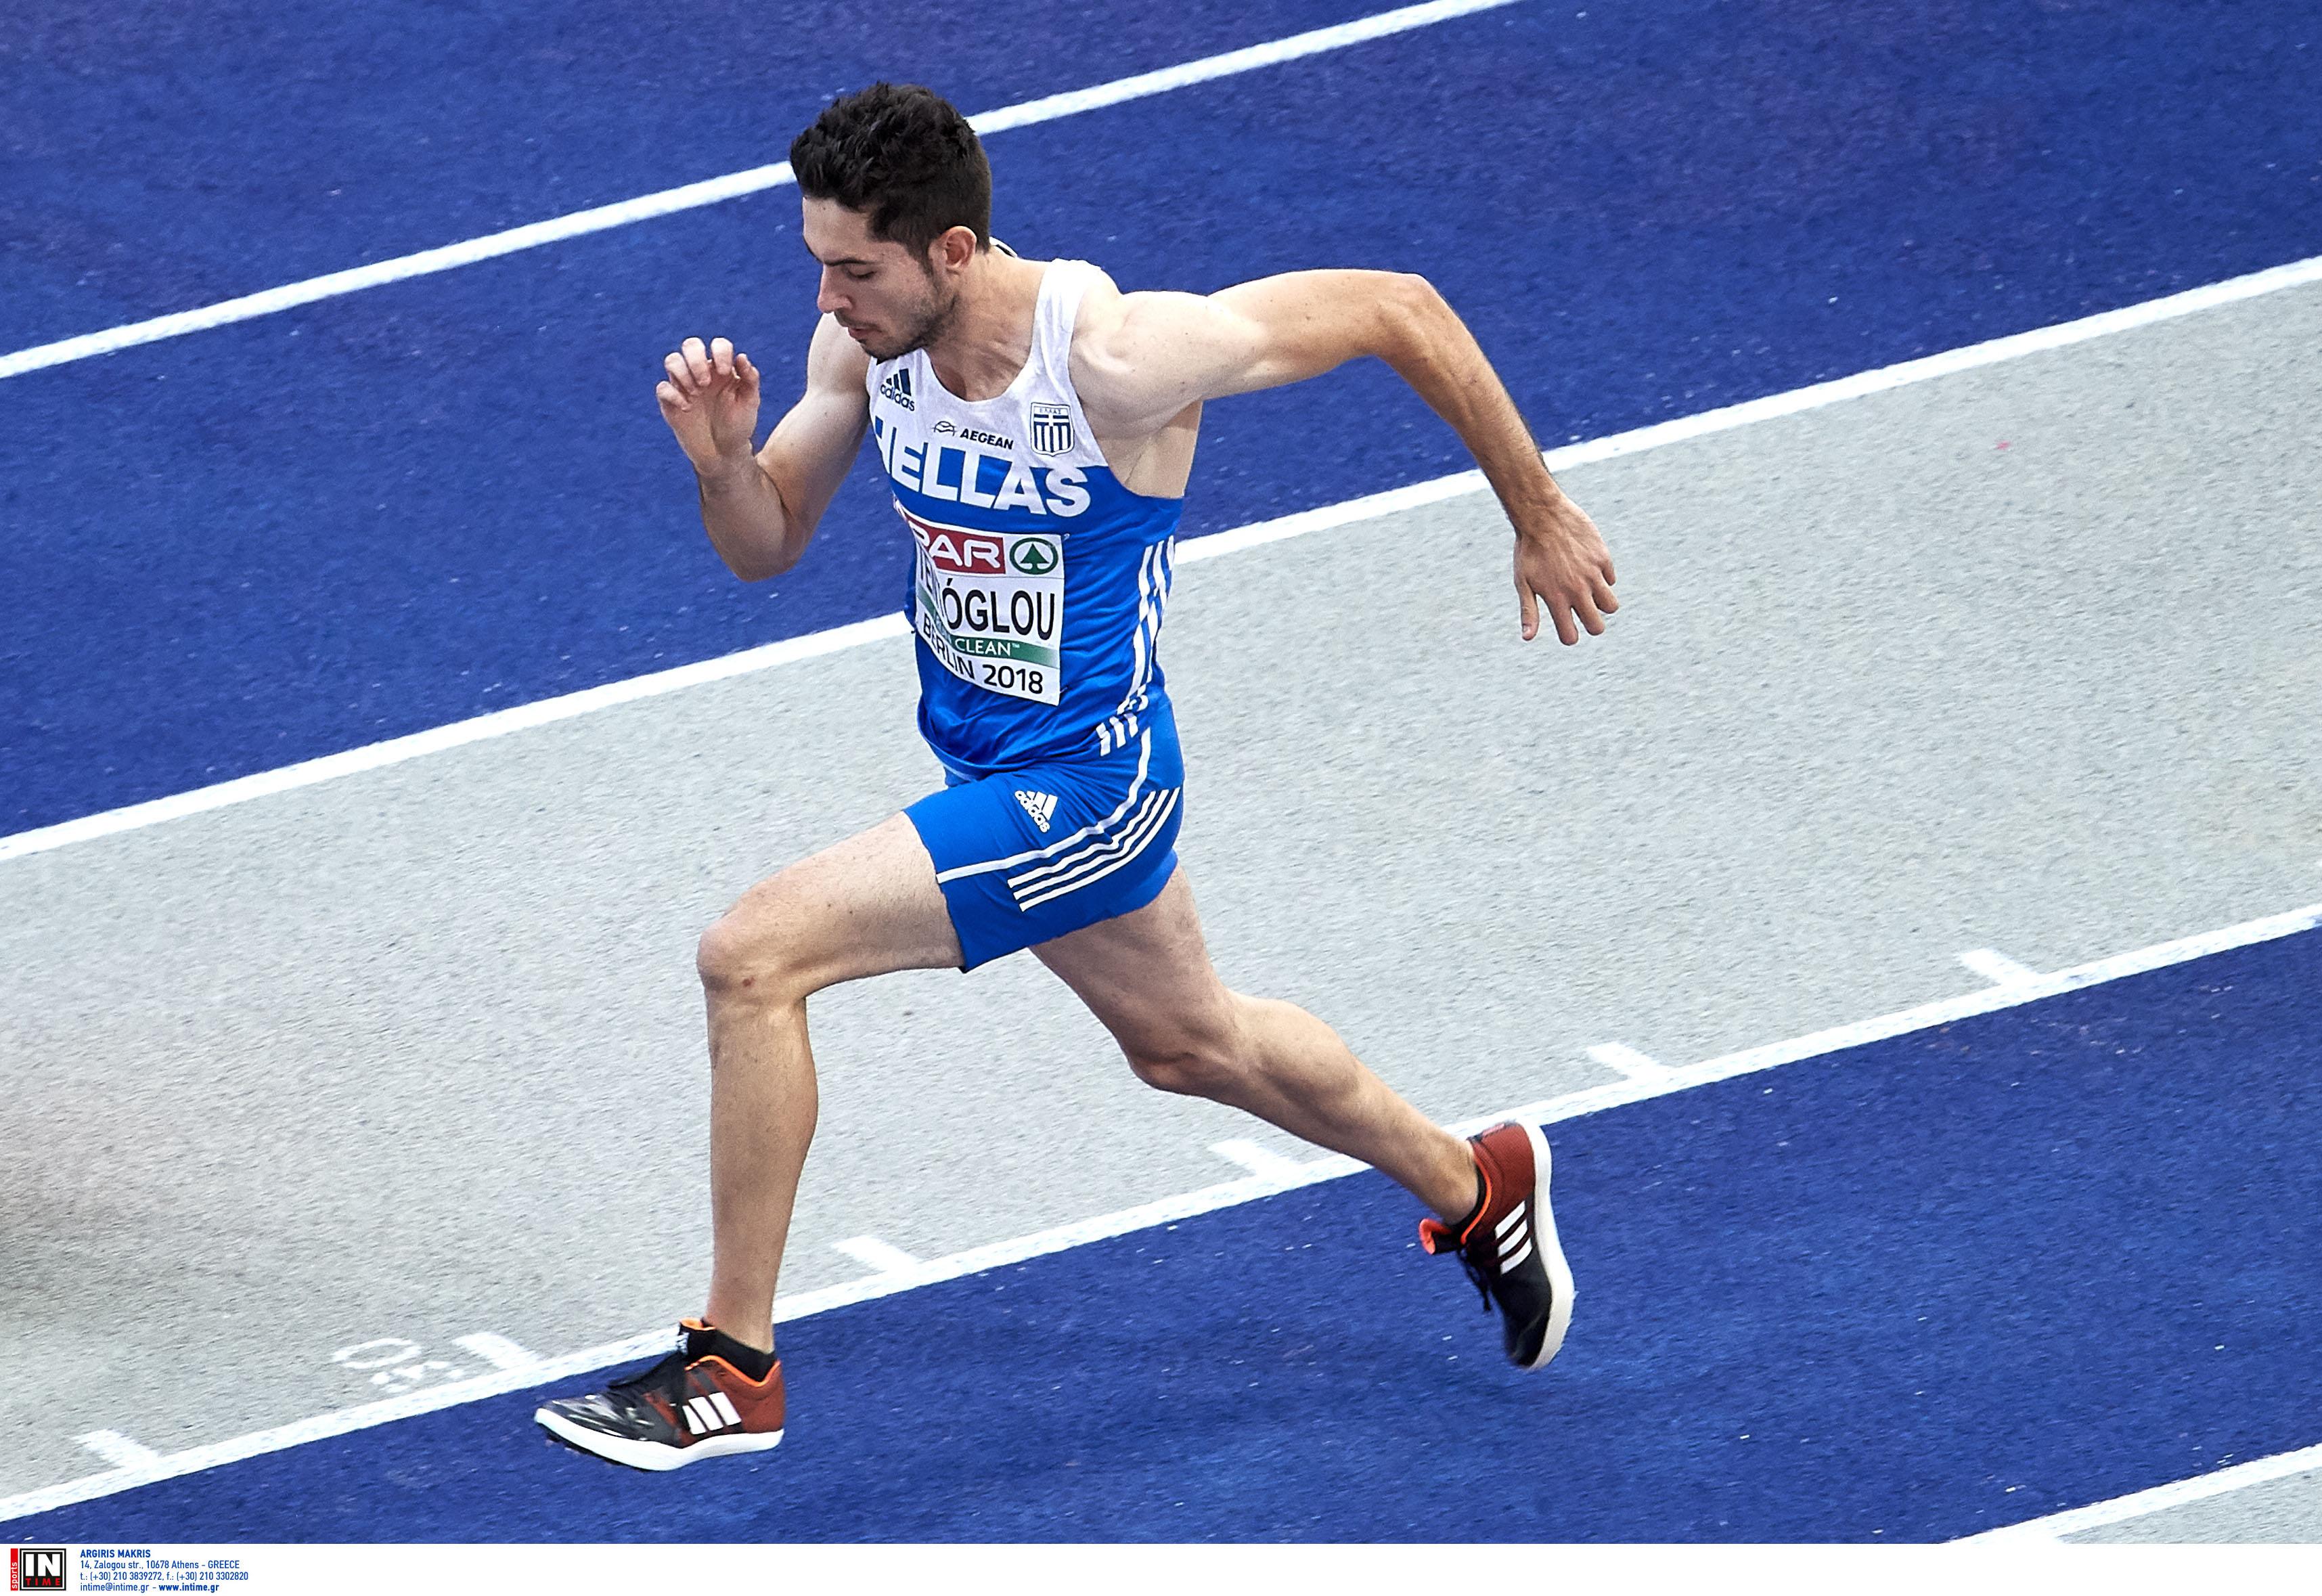 Χρυσό μετάλλιο ο Τεντόγλου! Ανίκητος ο Έλληνας αθλητής – videos